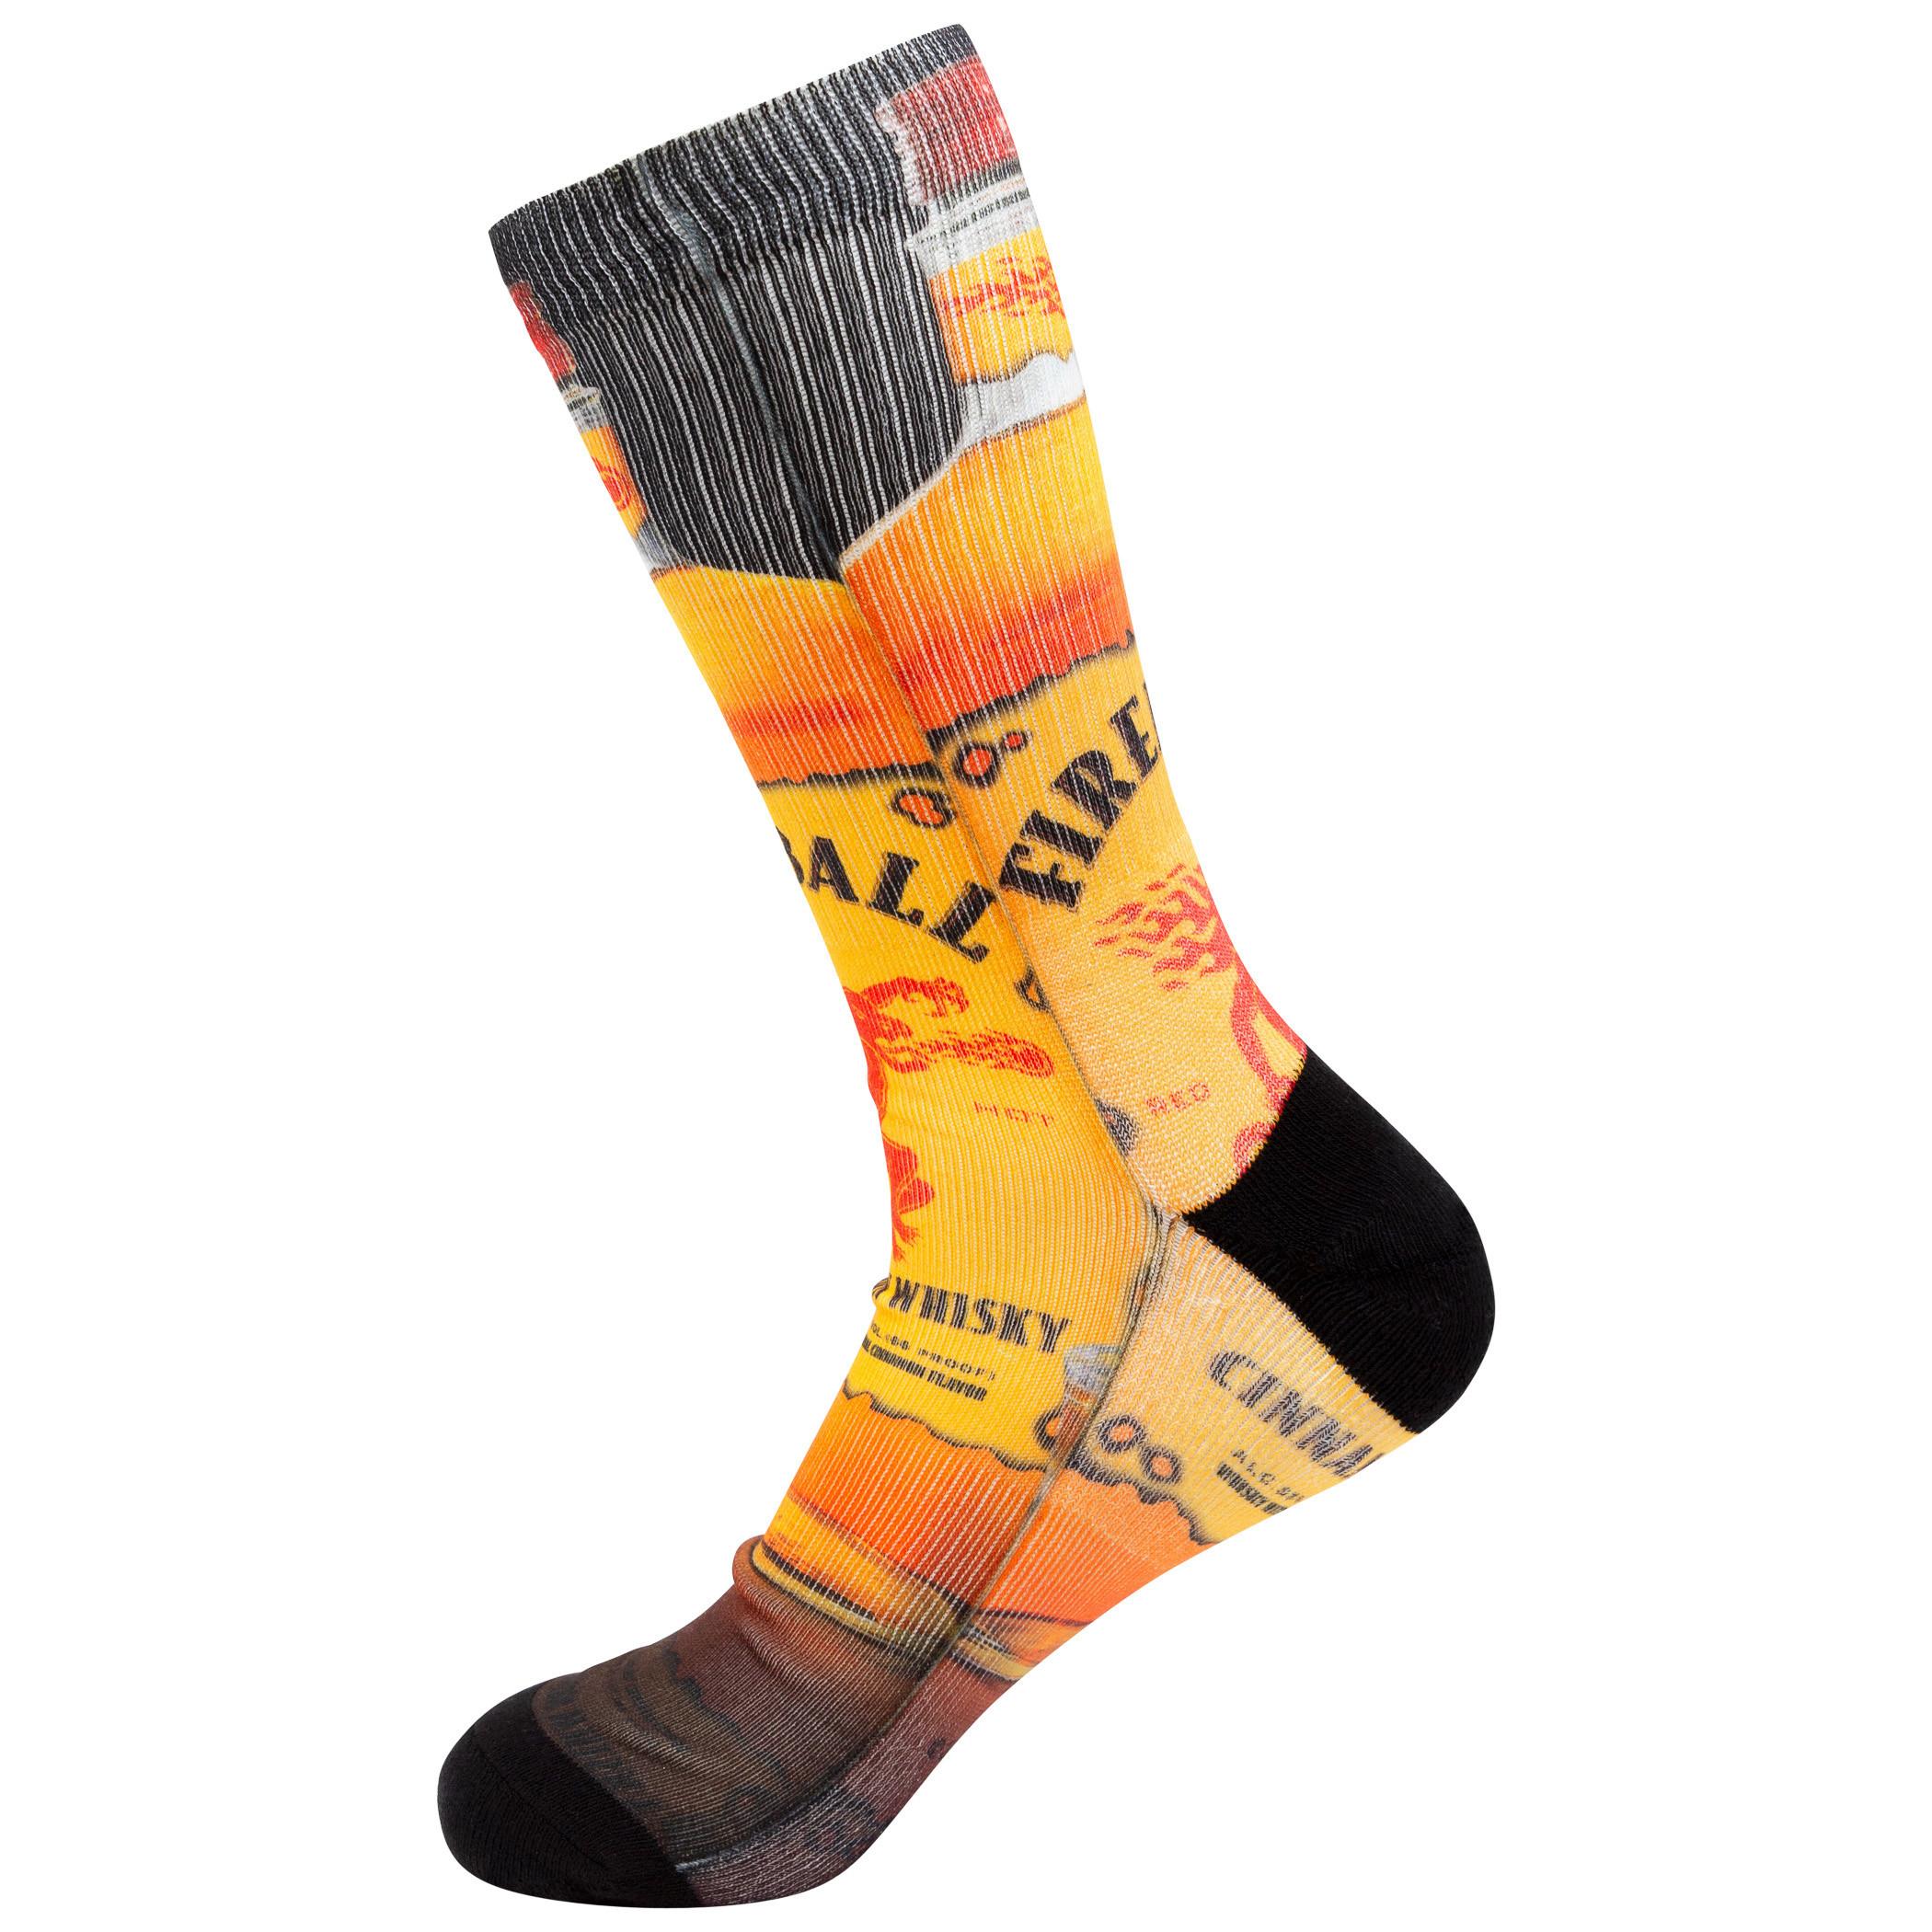 Fireball Whiskey Bottle Print Socks